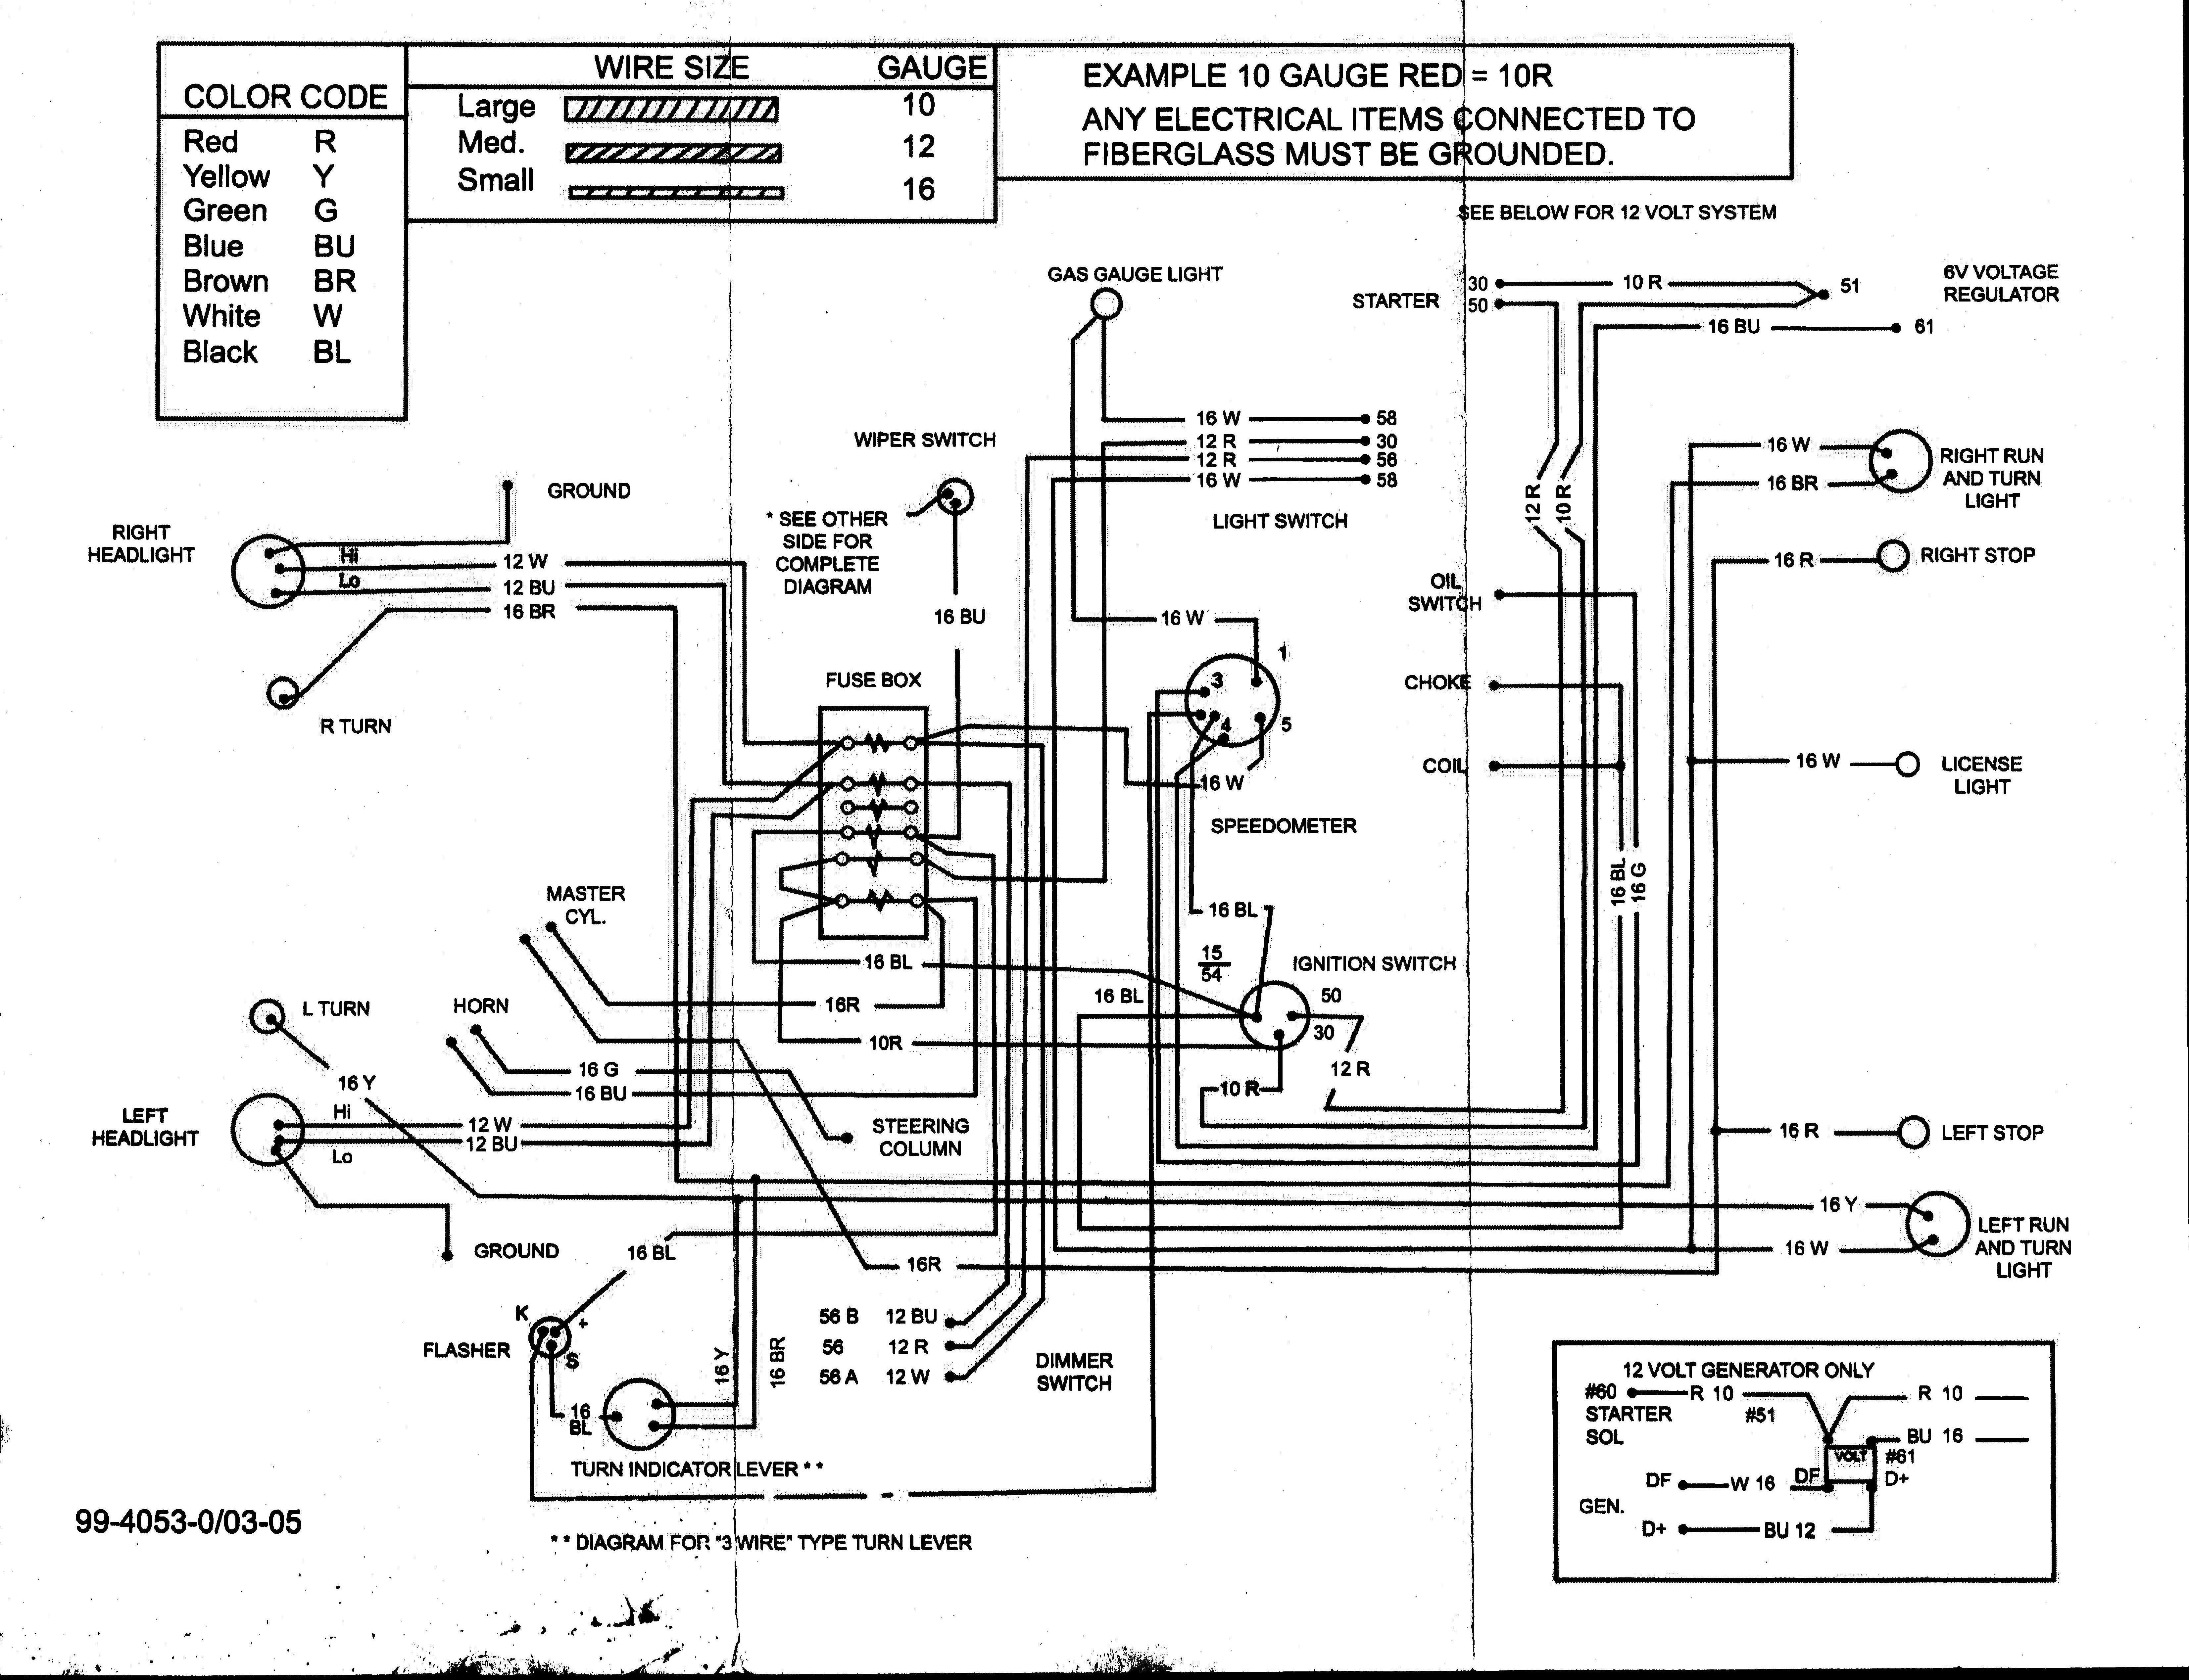 2012 Xto Bad Boy Stamatic Wiring Diagram Media Wiring Diagram Of 2012 Xto Bad Boy Stamatic Wiring Diagram